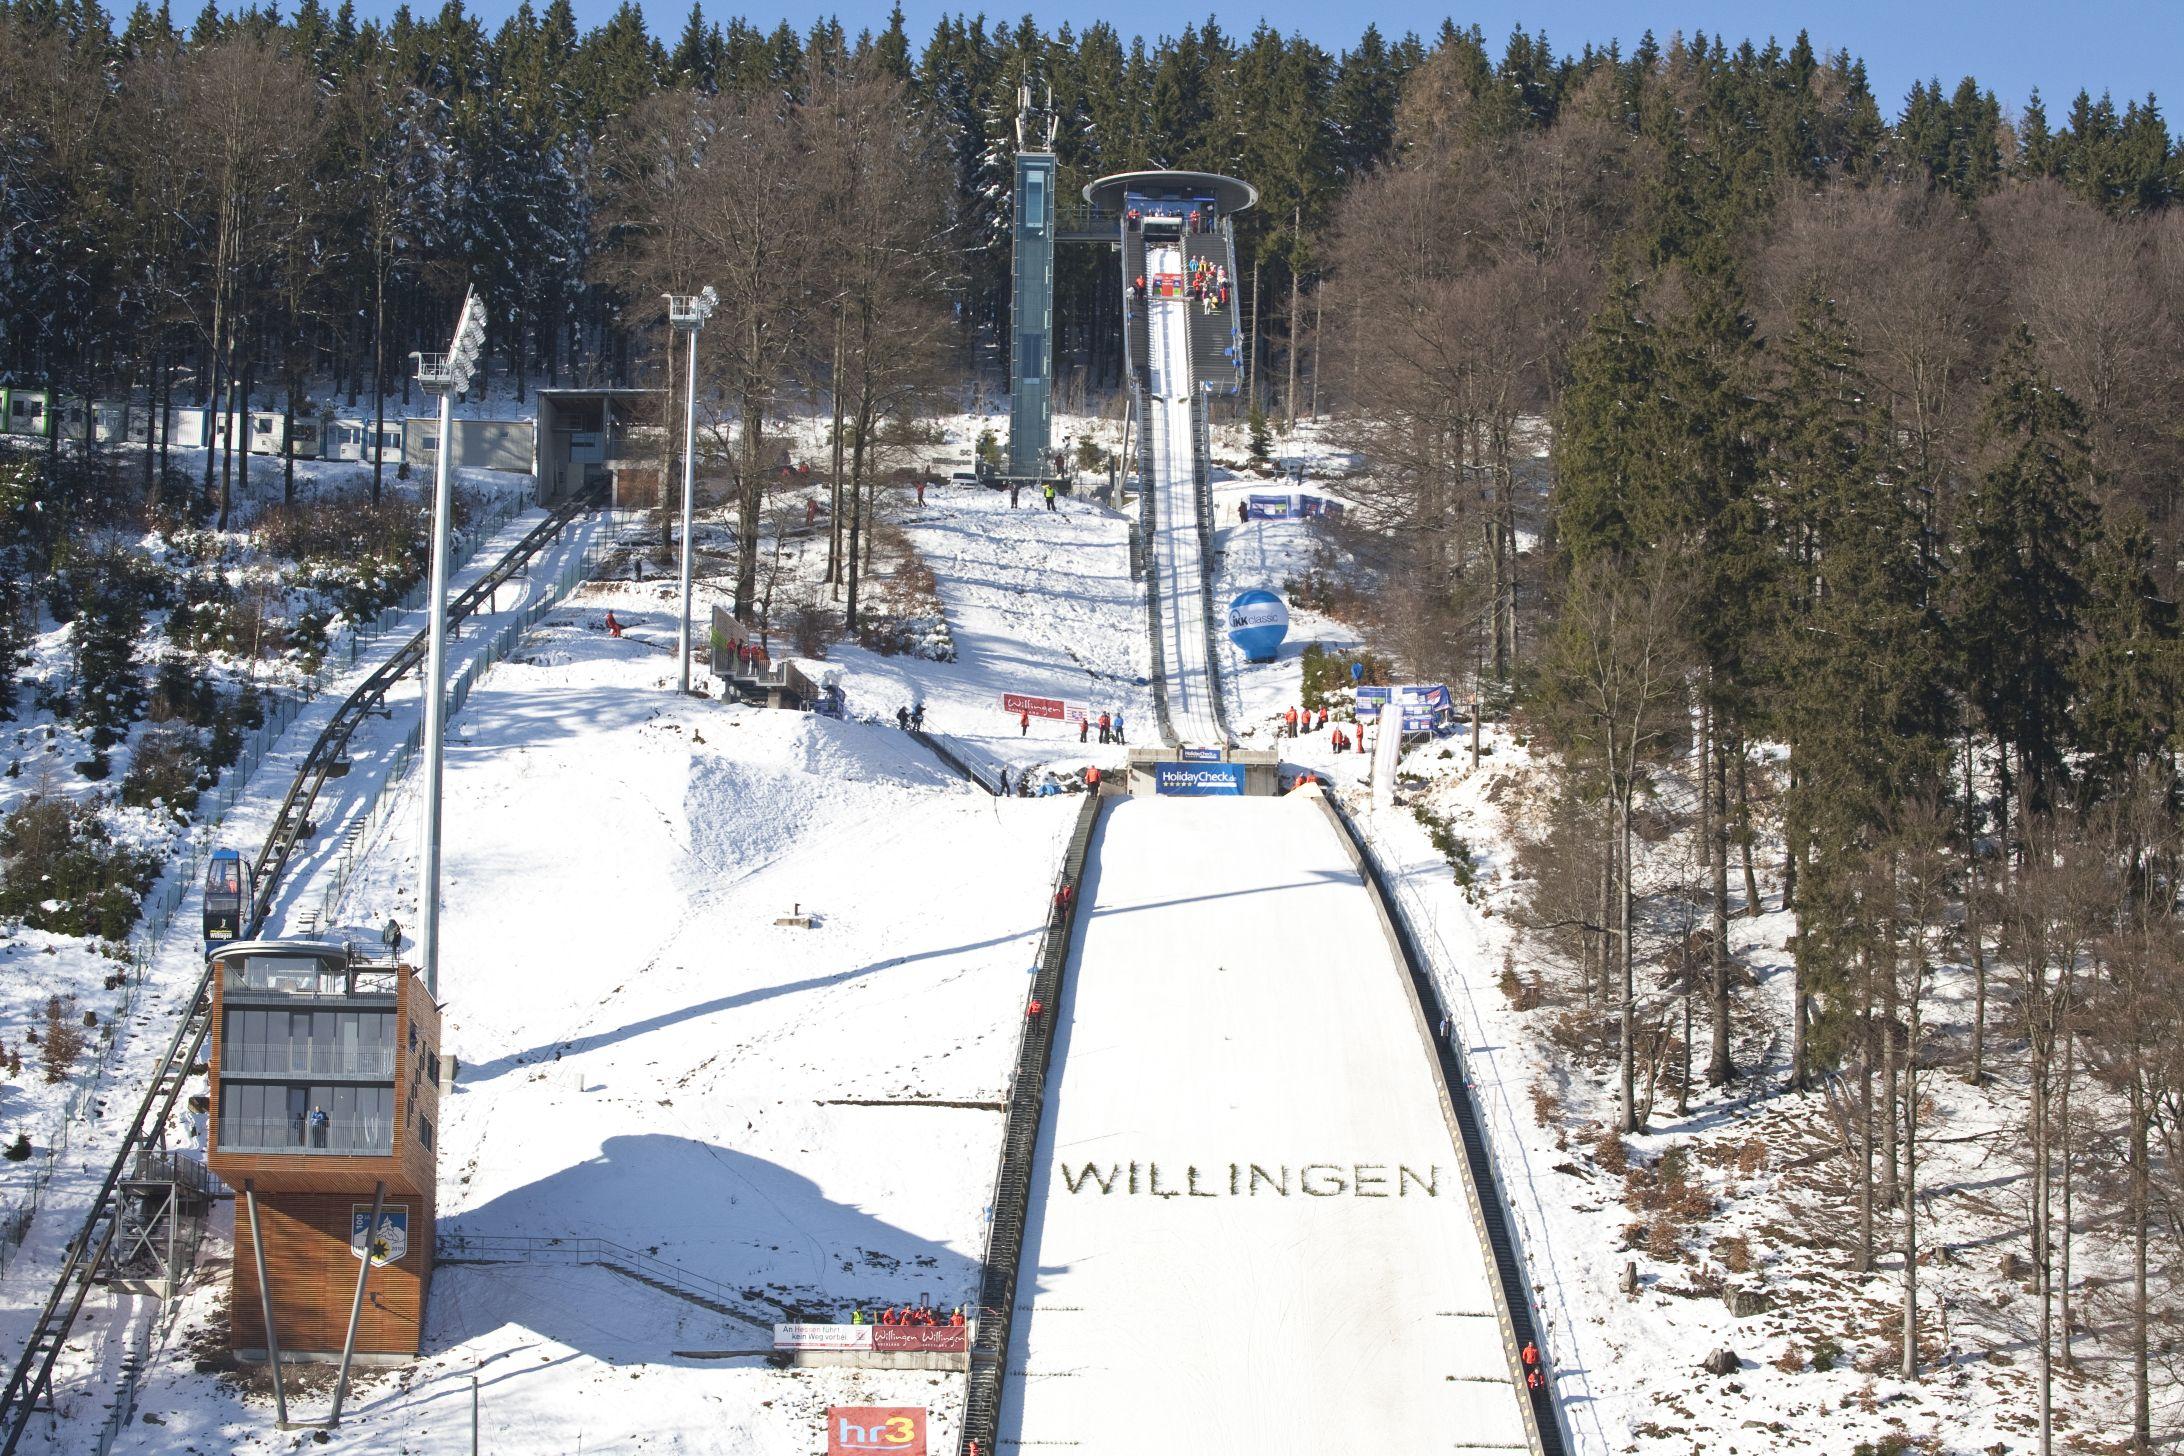 Blick auf die Mühlenkopfschanze beim FIS SkisprungWeltcup ©Tourist-Information Willingen